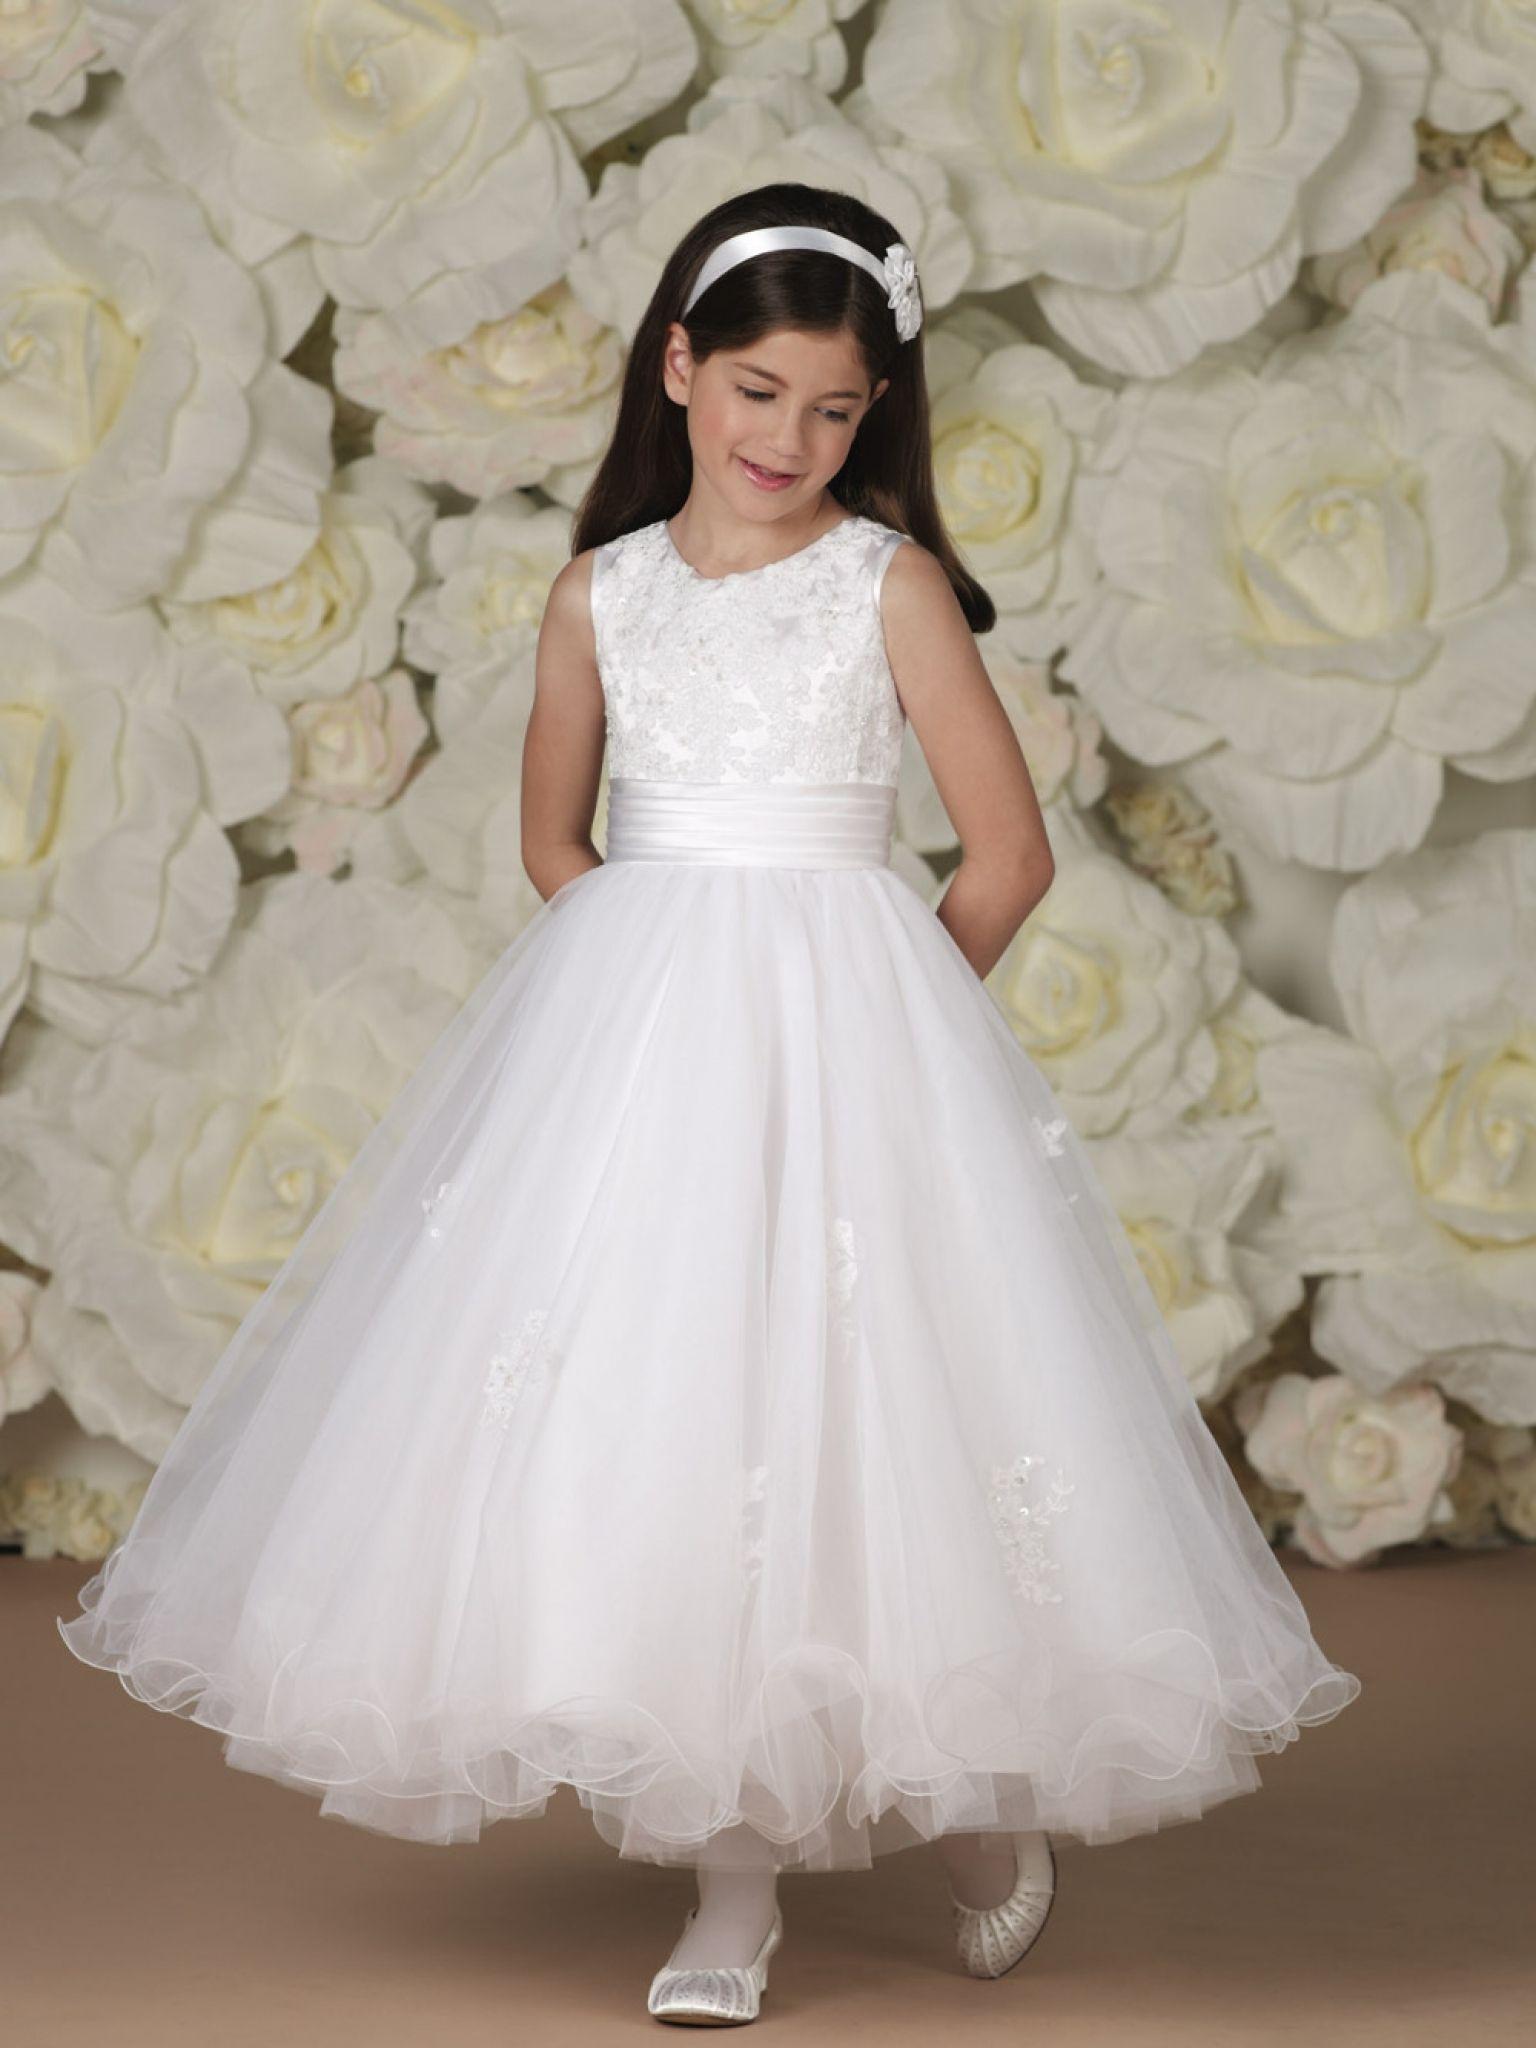 wedding dresses for little girls - wedding dresses for the mature ...